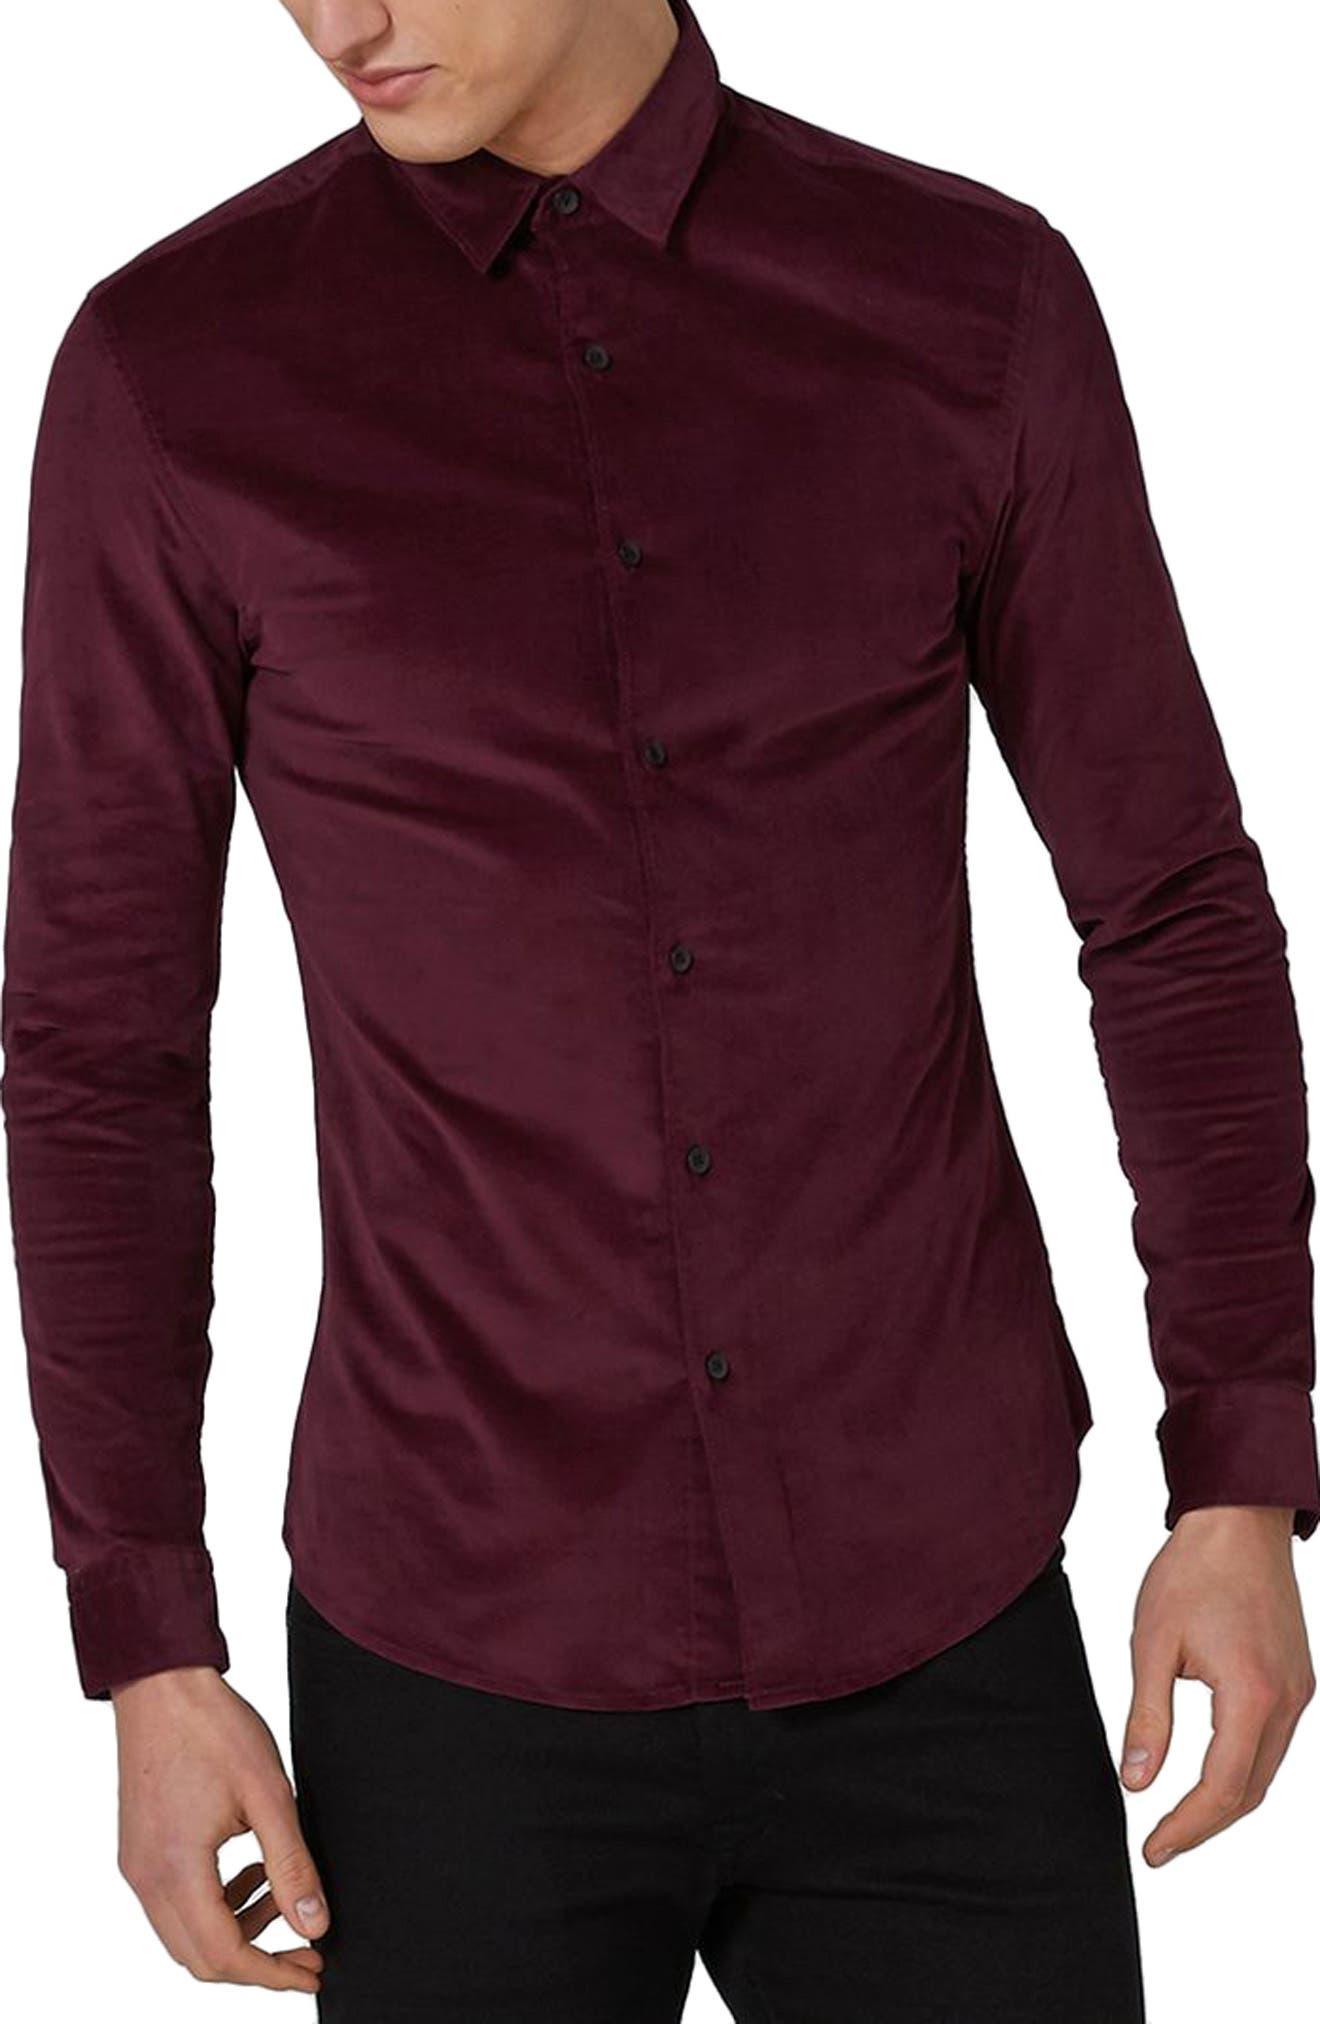 Main Image - Topman Muscle Fit Corduroy Shirt